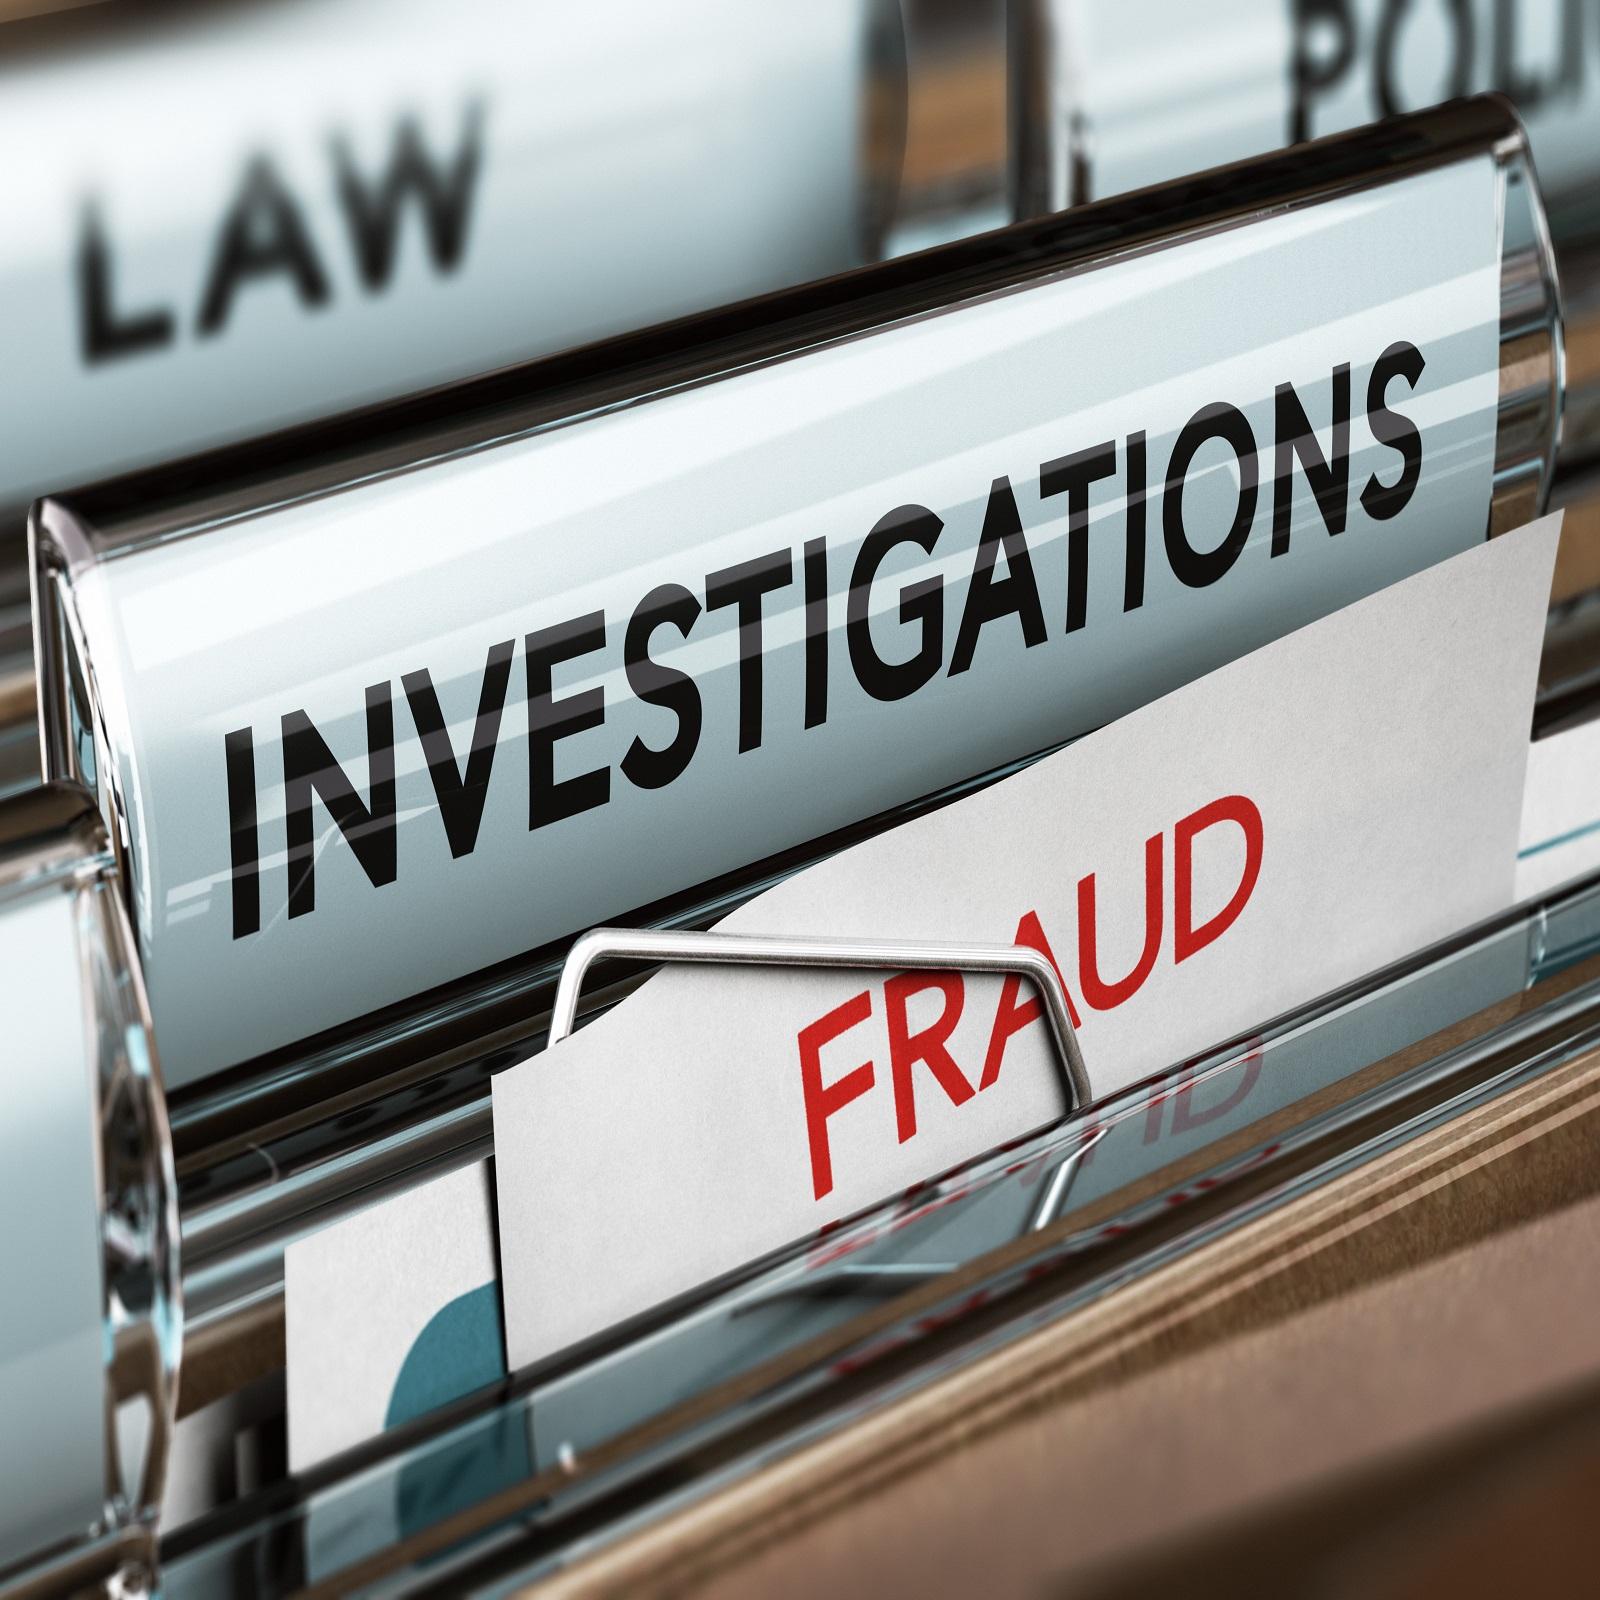 Non-Profit Project Investigates and Rates Suspicious ICOs